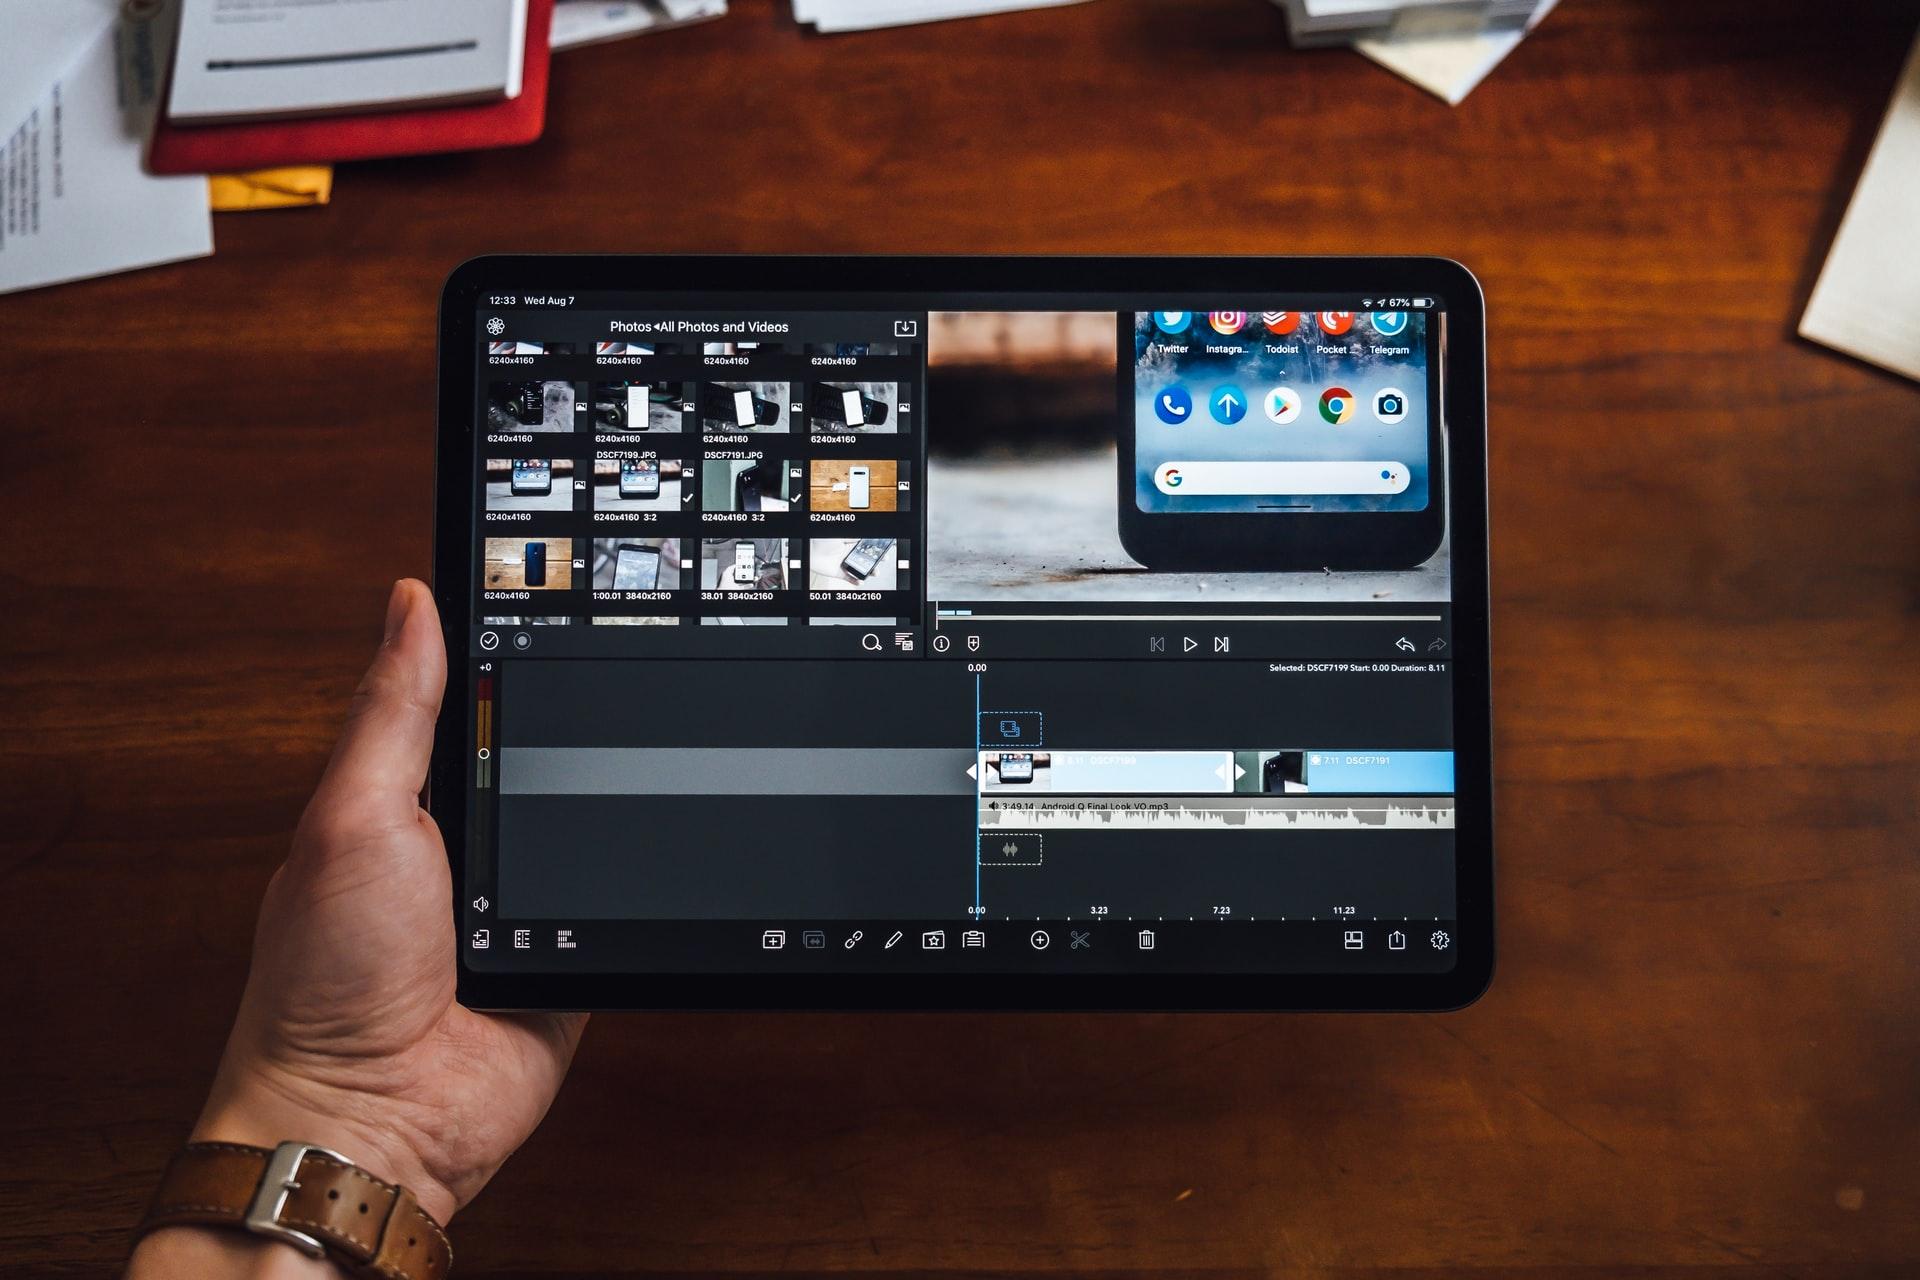 iMovieで編集した動画を保存するには?保存できないときの対処法も解説